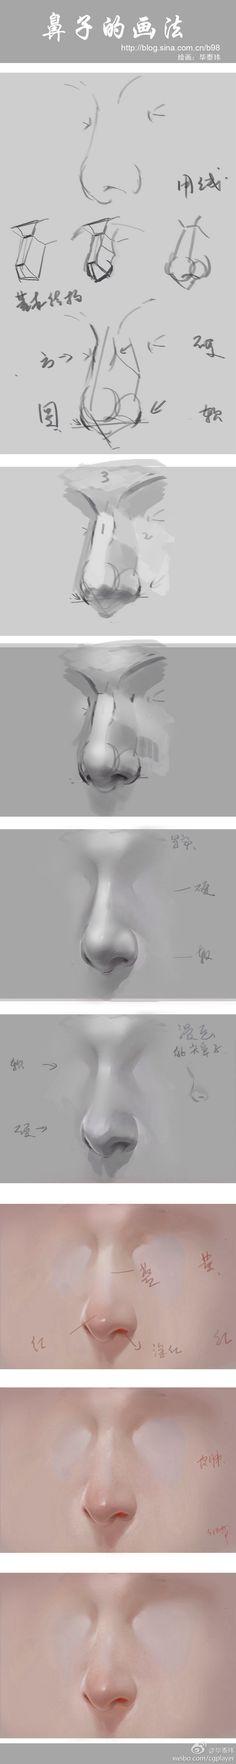 鼻子的画法@-MG-维采集到资料(499图)_花瓣插画/漫画